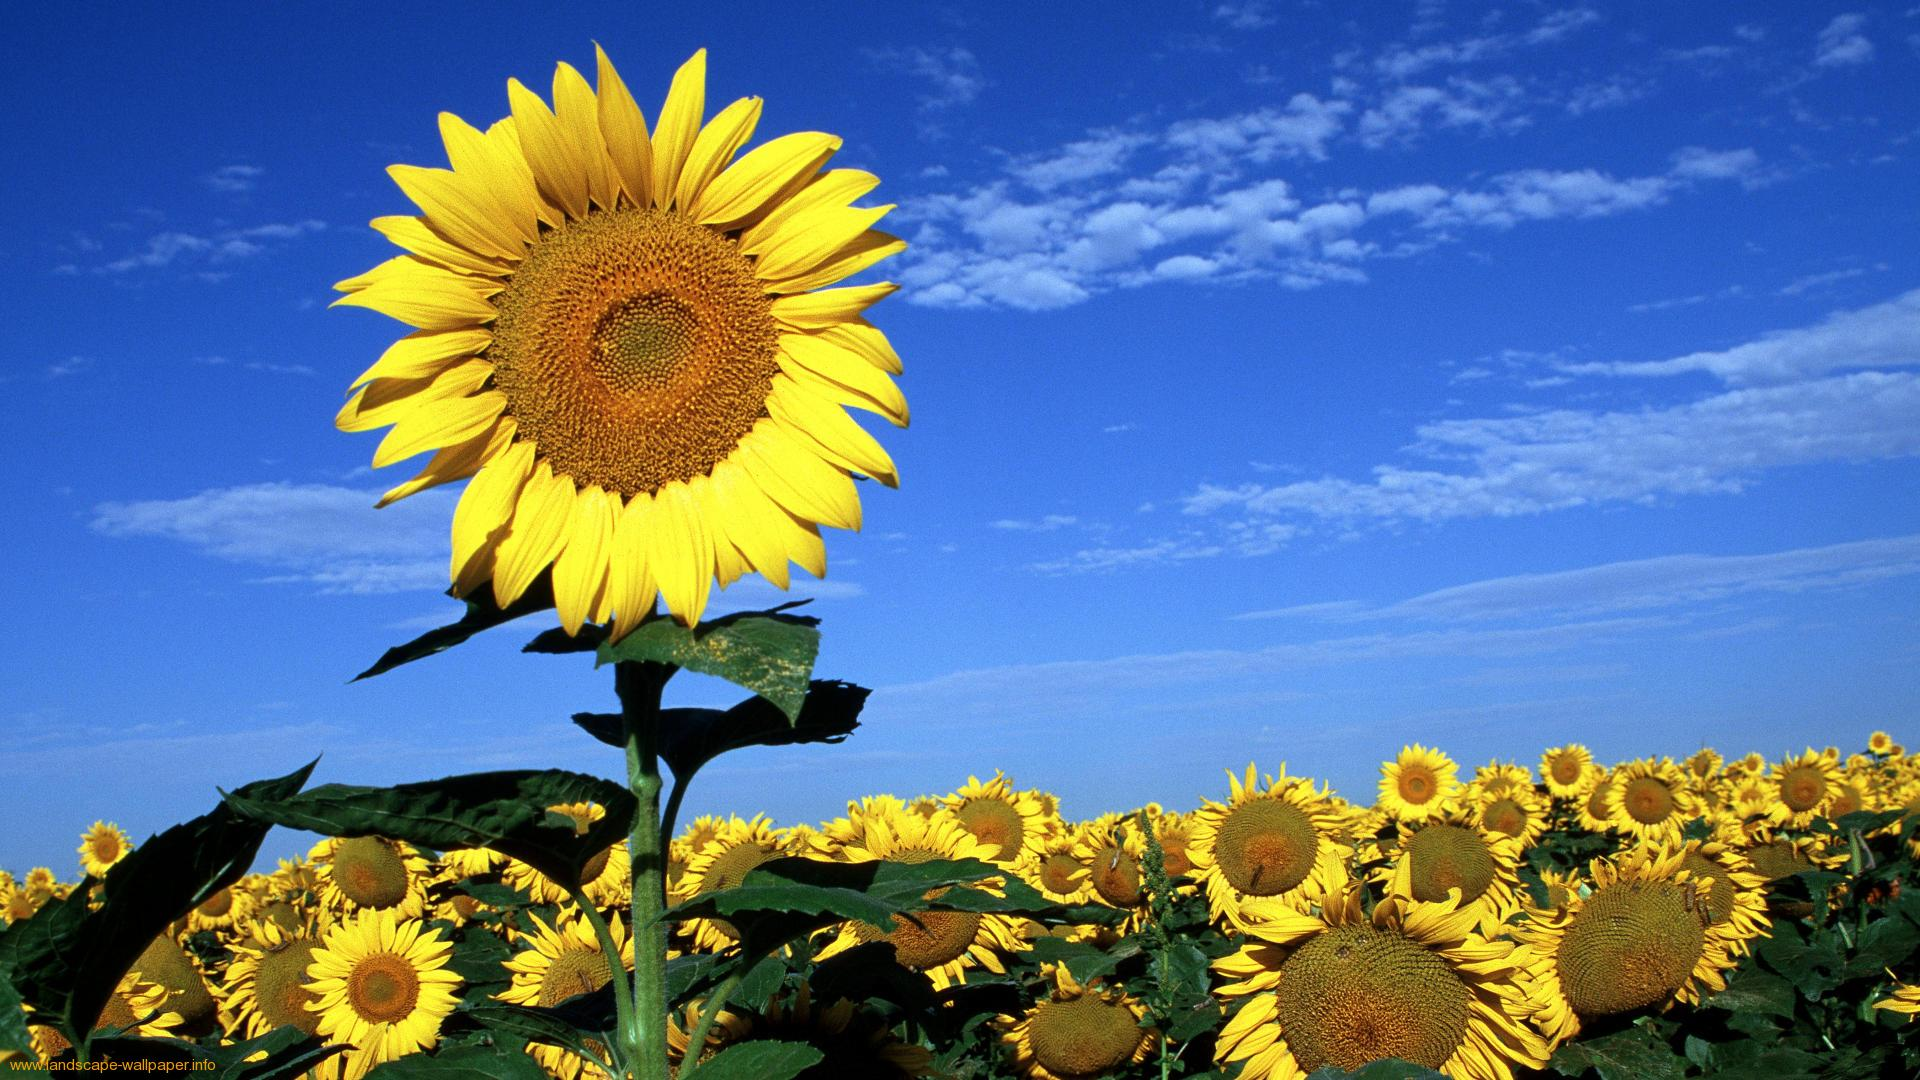 chụp ảnh kỷ yếu với hoa hướng dương